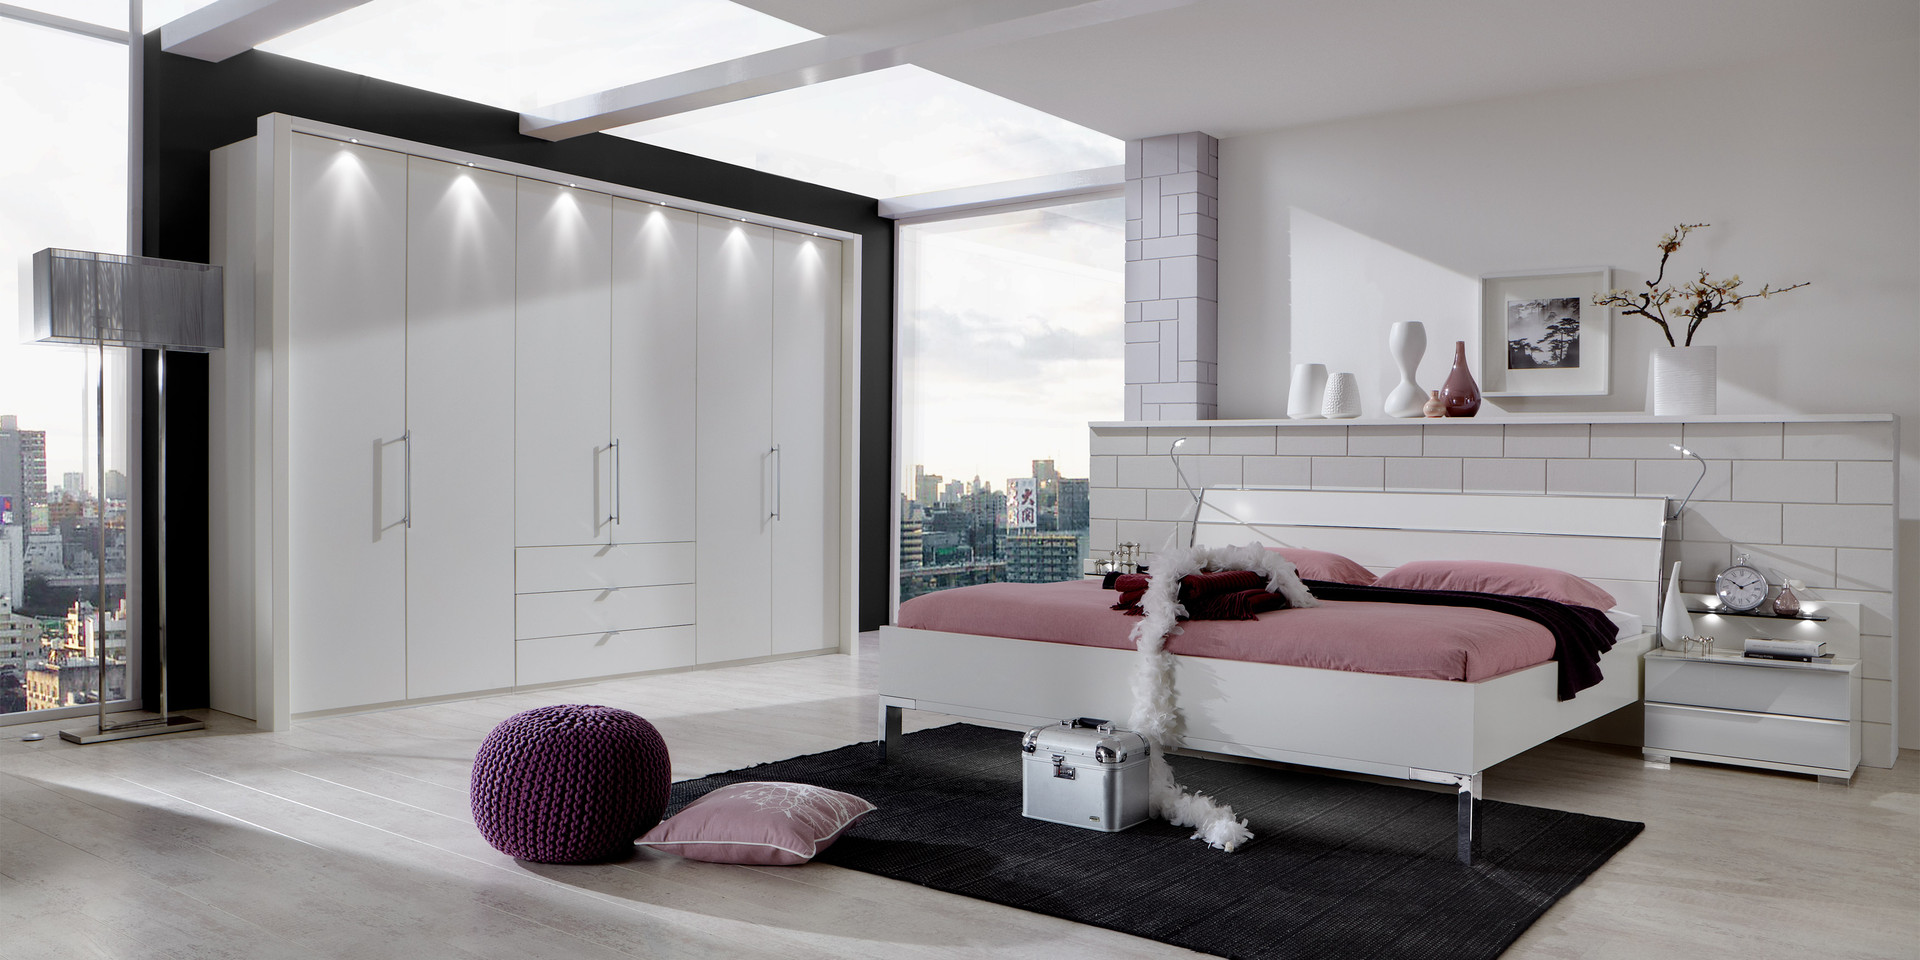 kinderbett ikea. Black Bedroom Furniture Sets. Home Design Ideas